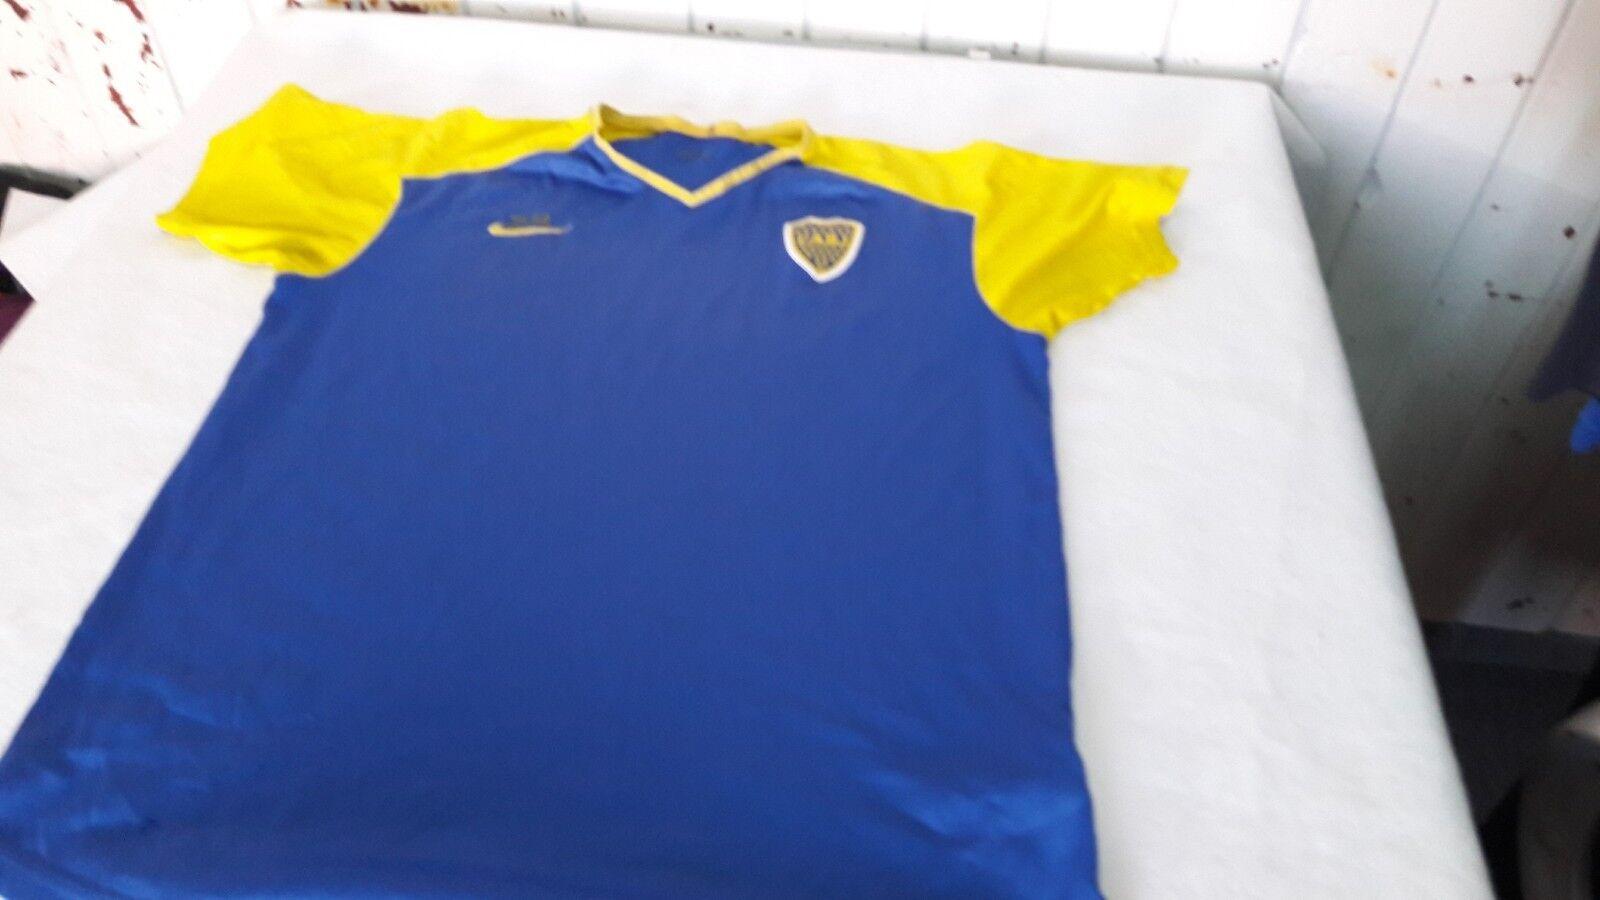 Old Boca Jr Formación Camiseta De Fútbol Original Nike del club, con número 24